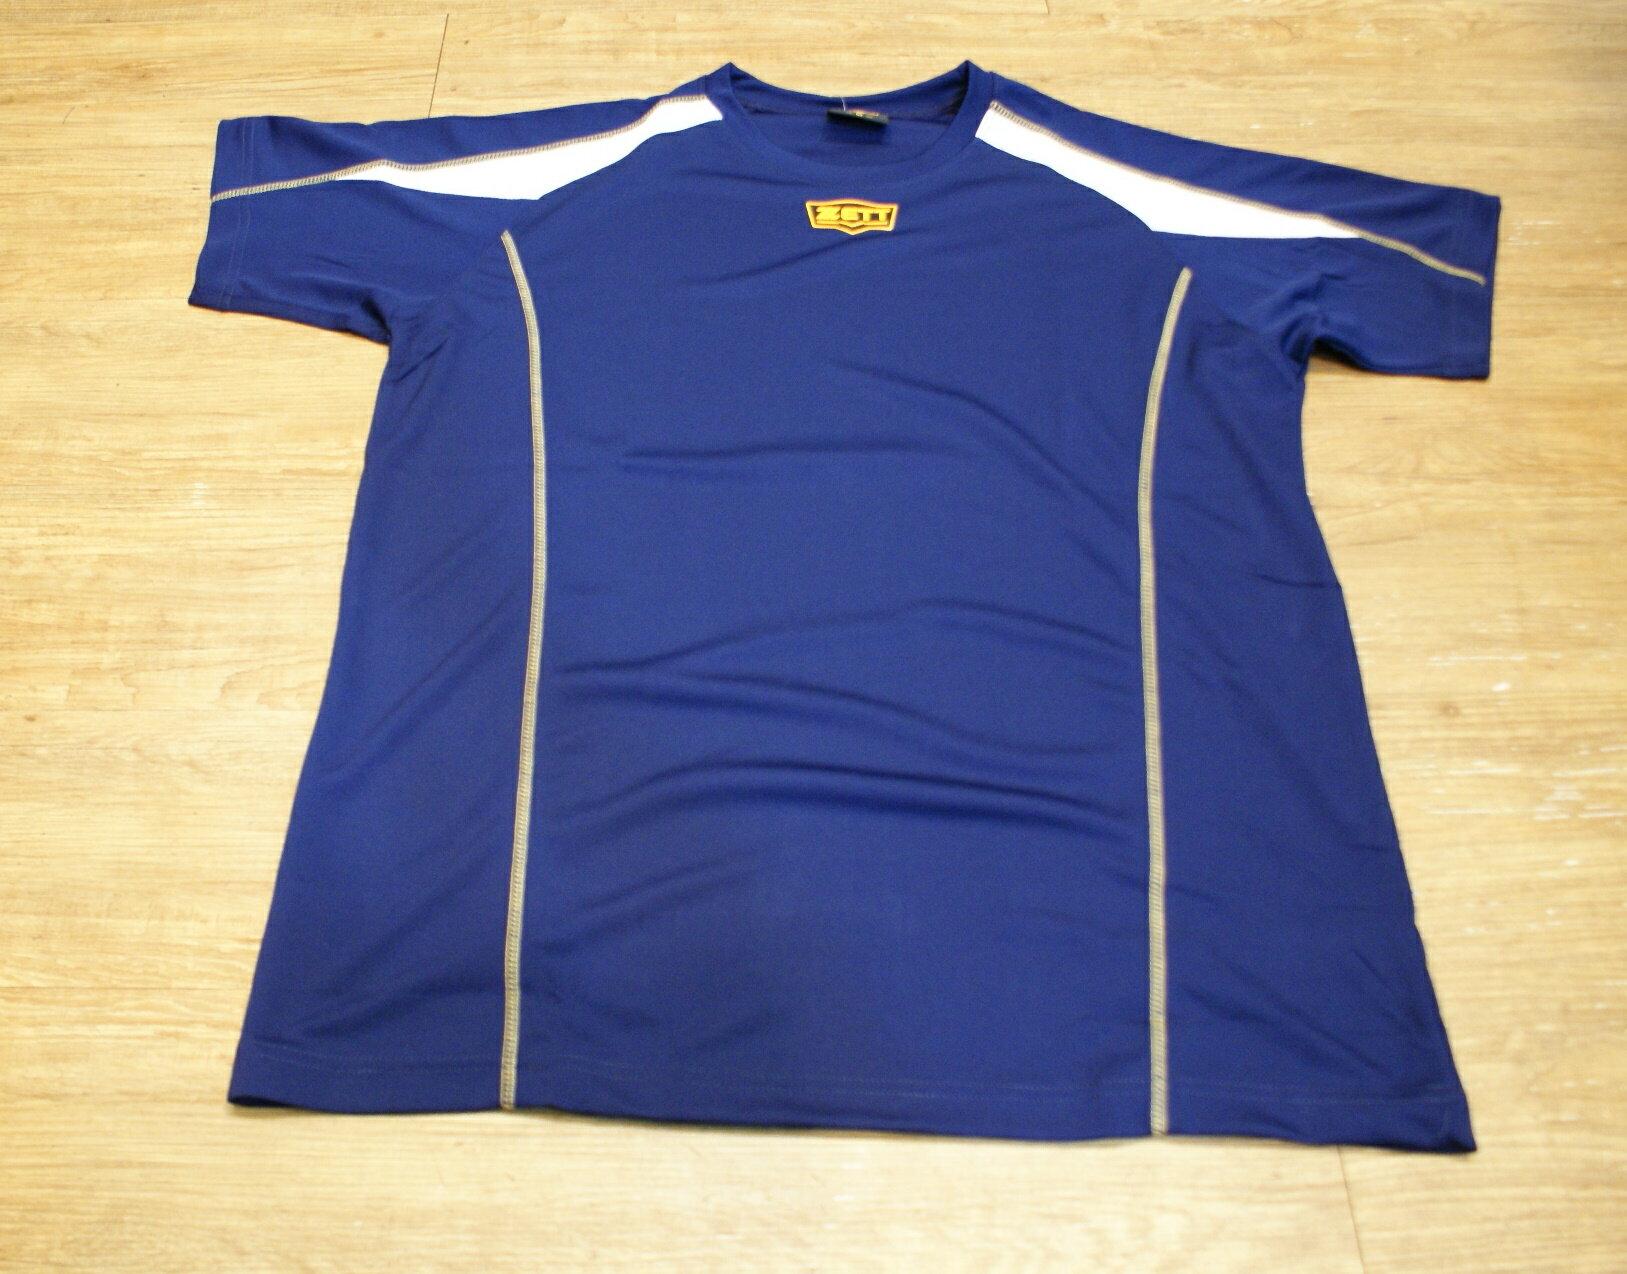 棒球世界全新ZETT金標短袖練習衣特價  丈青色